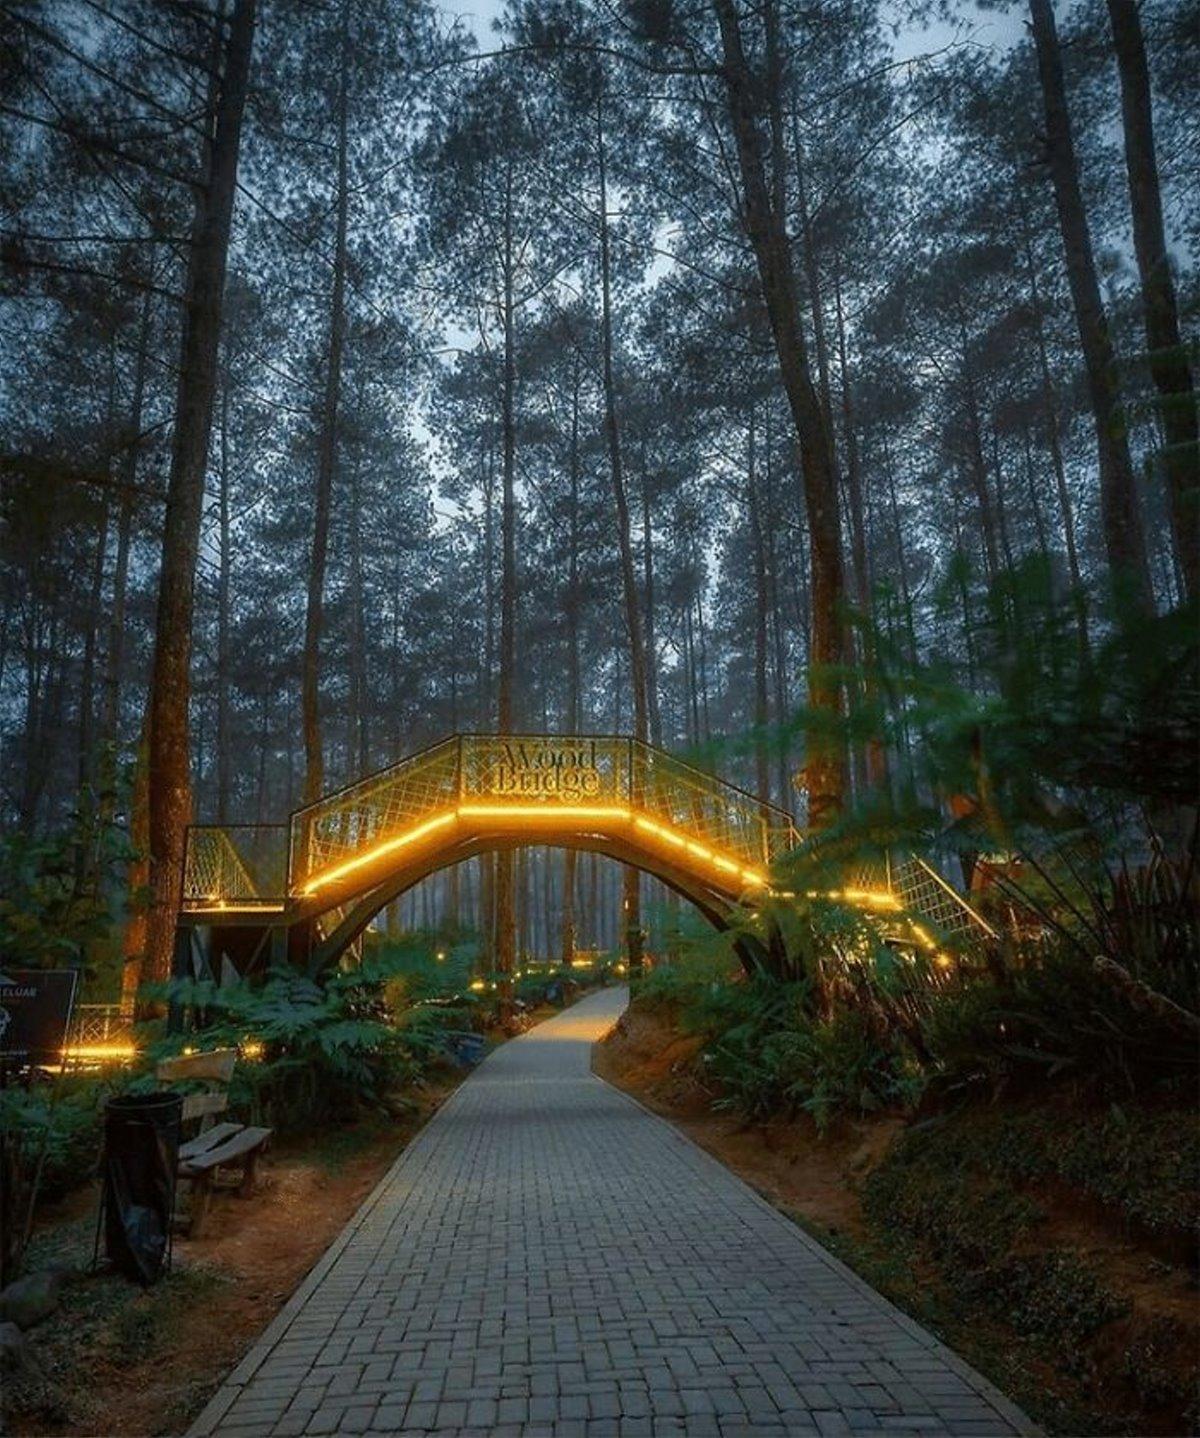 Ινδονησία φωτιζόμενη γέφυρα στο δάσος Orchid Forest κοντινή λήψη το βράδυ